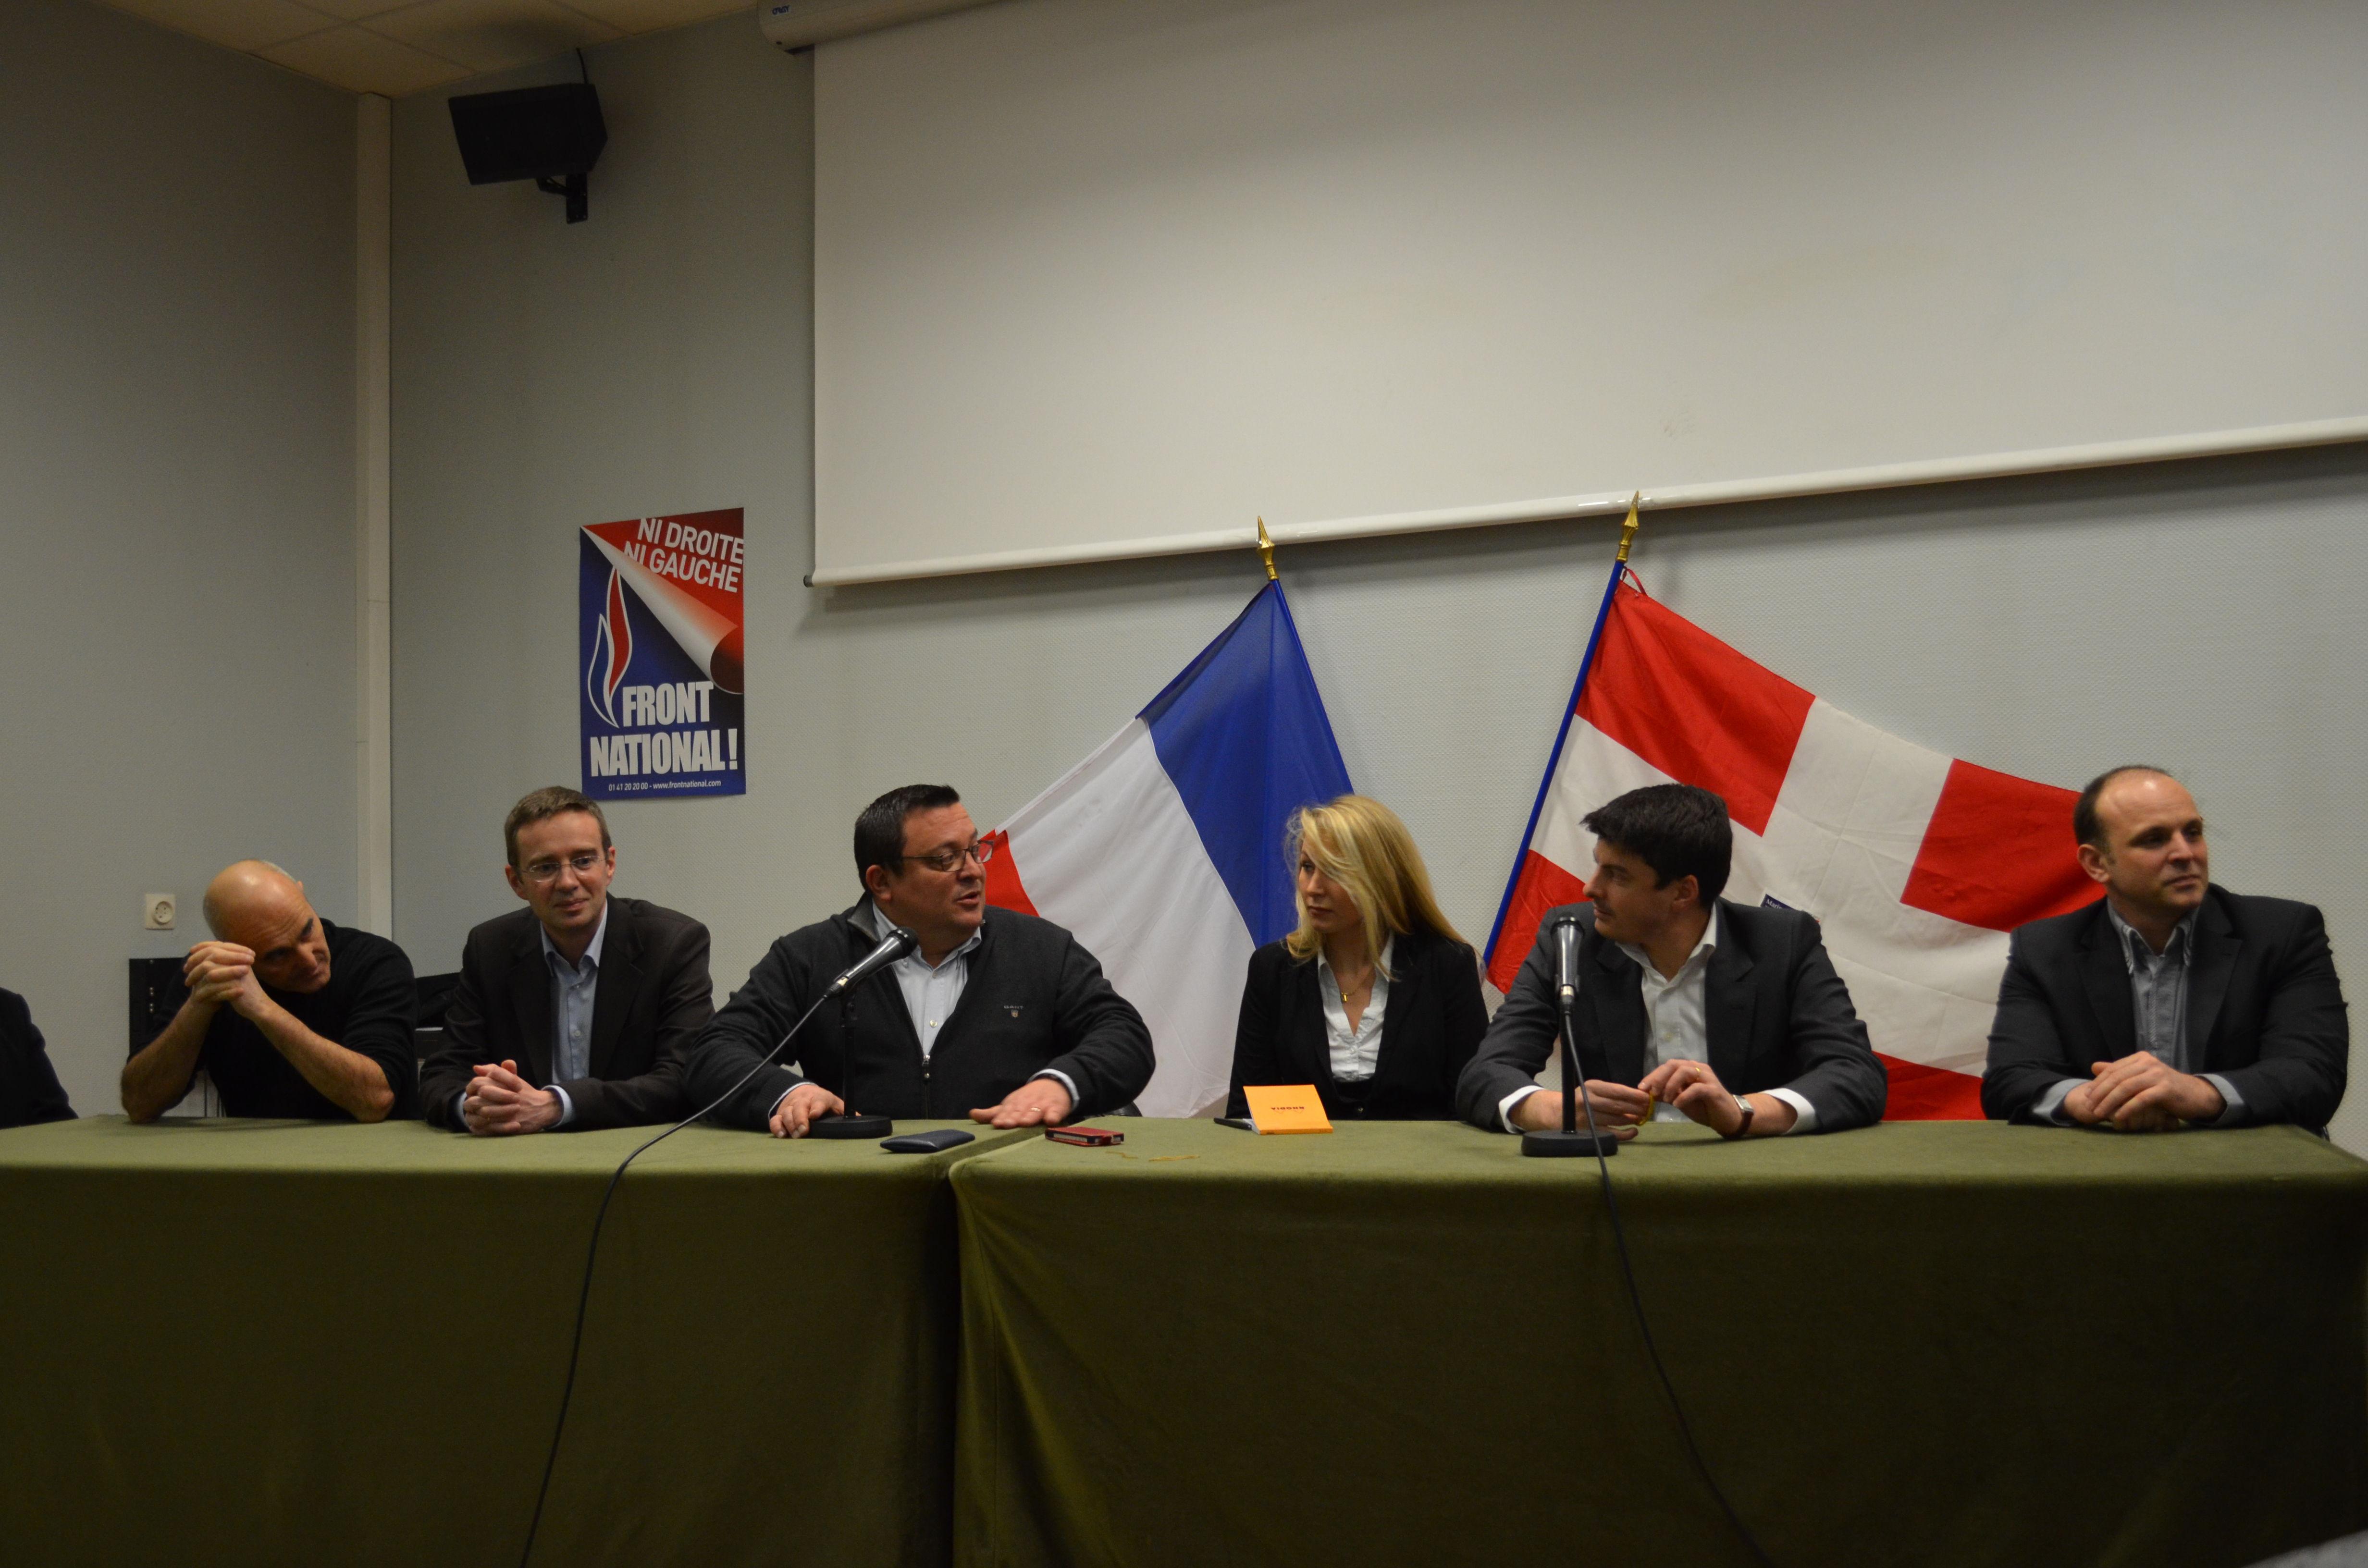 Vincent Lecaillon, Olivier Burlats, Dominique Martin, Marion Maréchal Le Pen, Thomas Noël